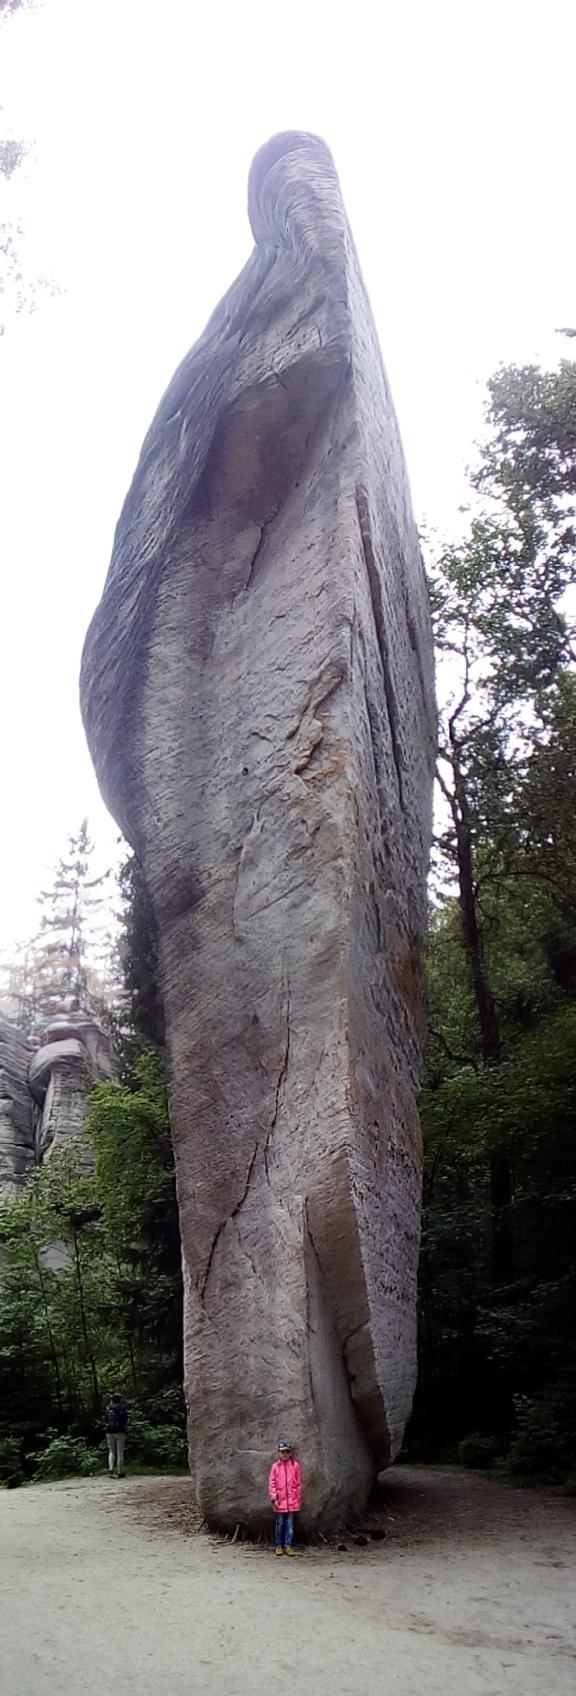 вот такой камень в Чехии . Блиц: камни